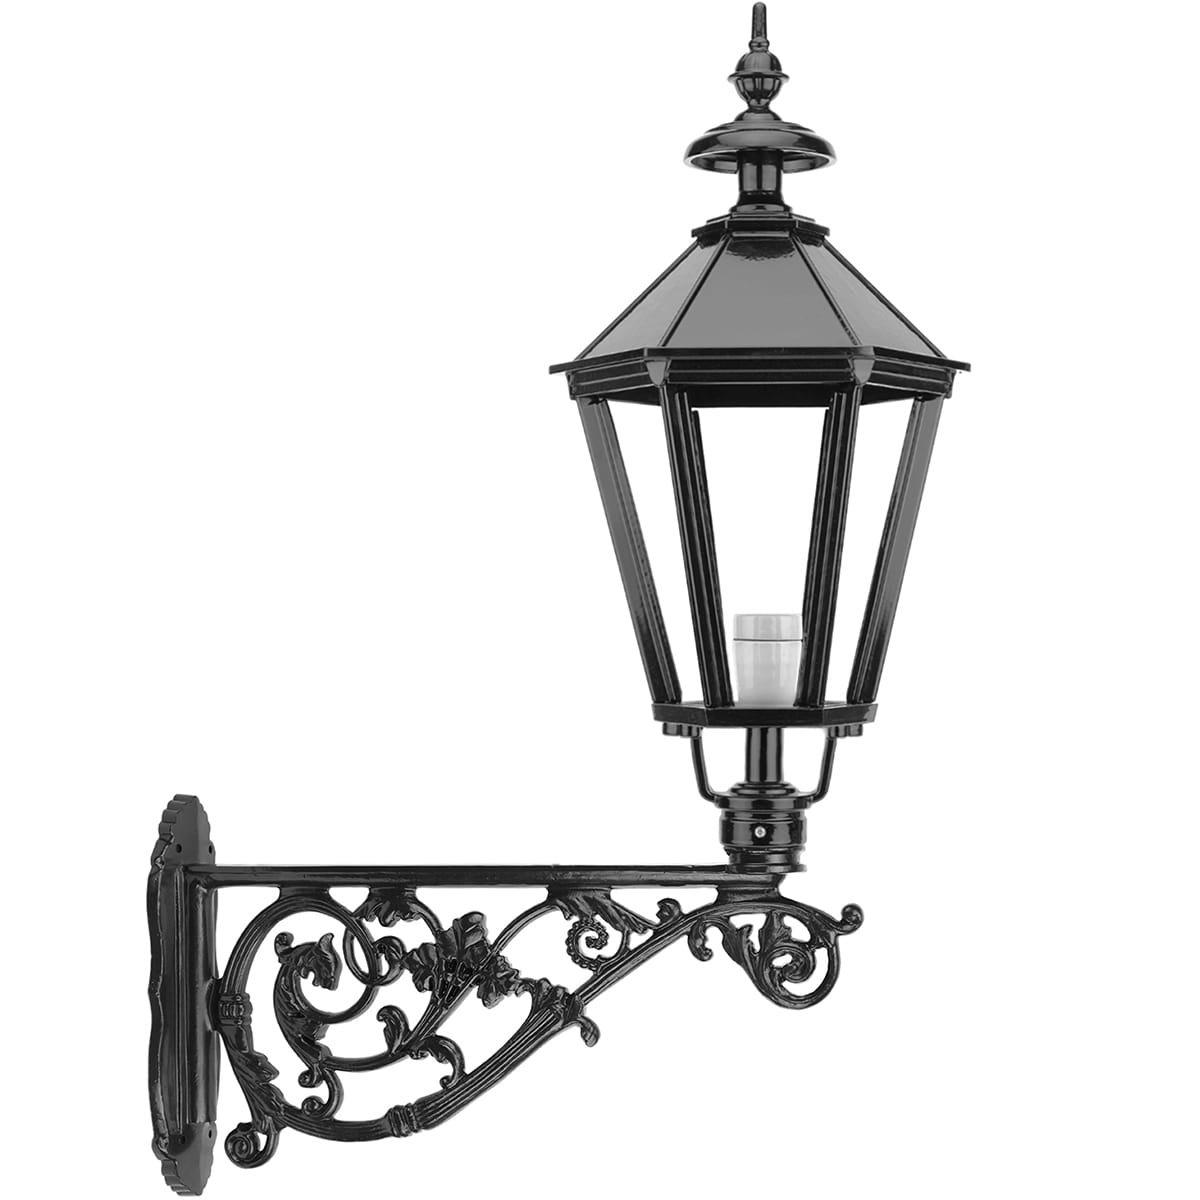 Außenbeleuchtung Klassisch Ländlich Fassadenlaterne groß Bruchterveld - 140 cm